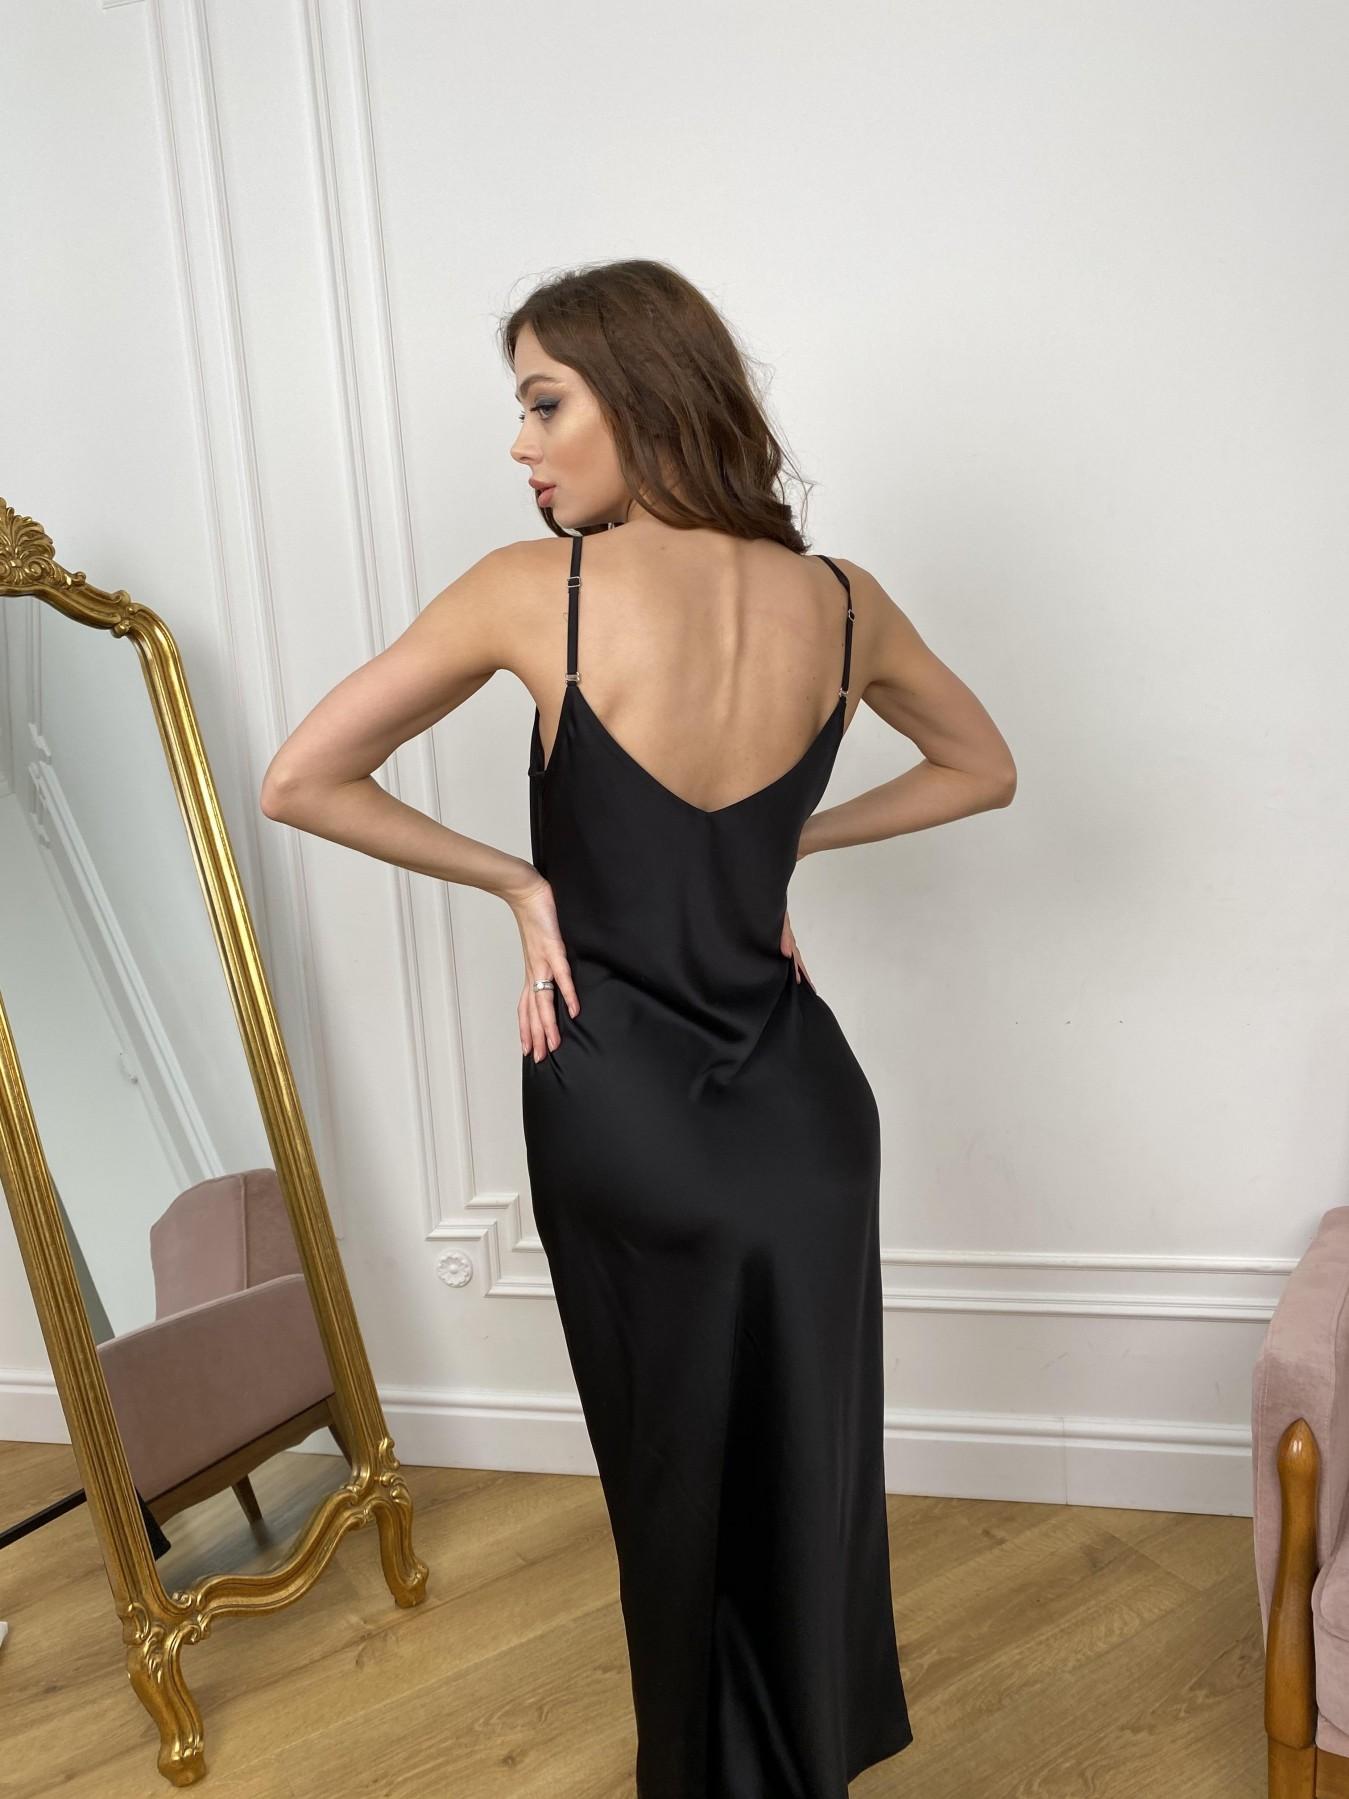 Камая Лайт платье из шелка 10611 АРТ. 46986 Цвет: Черный - фото 8, интернет магазин tm-modus.ru